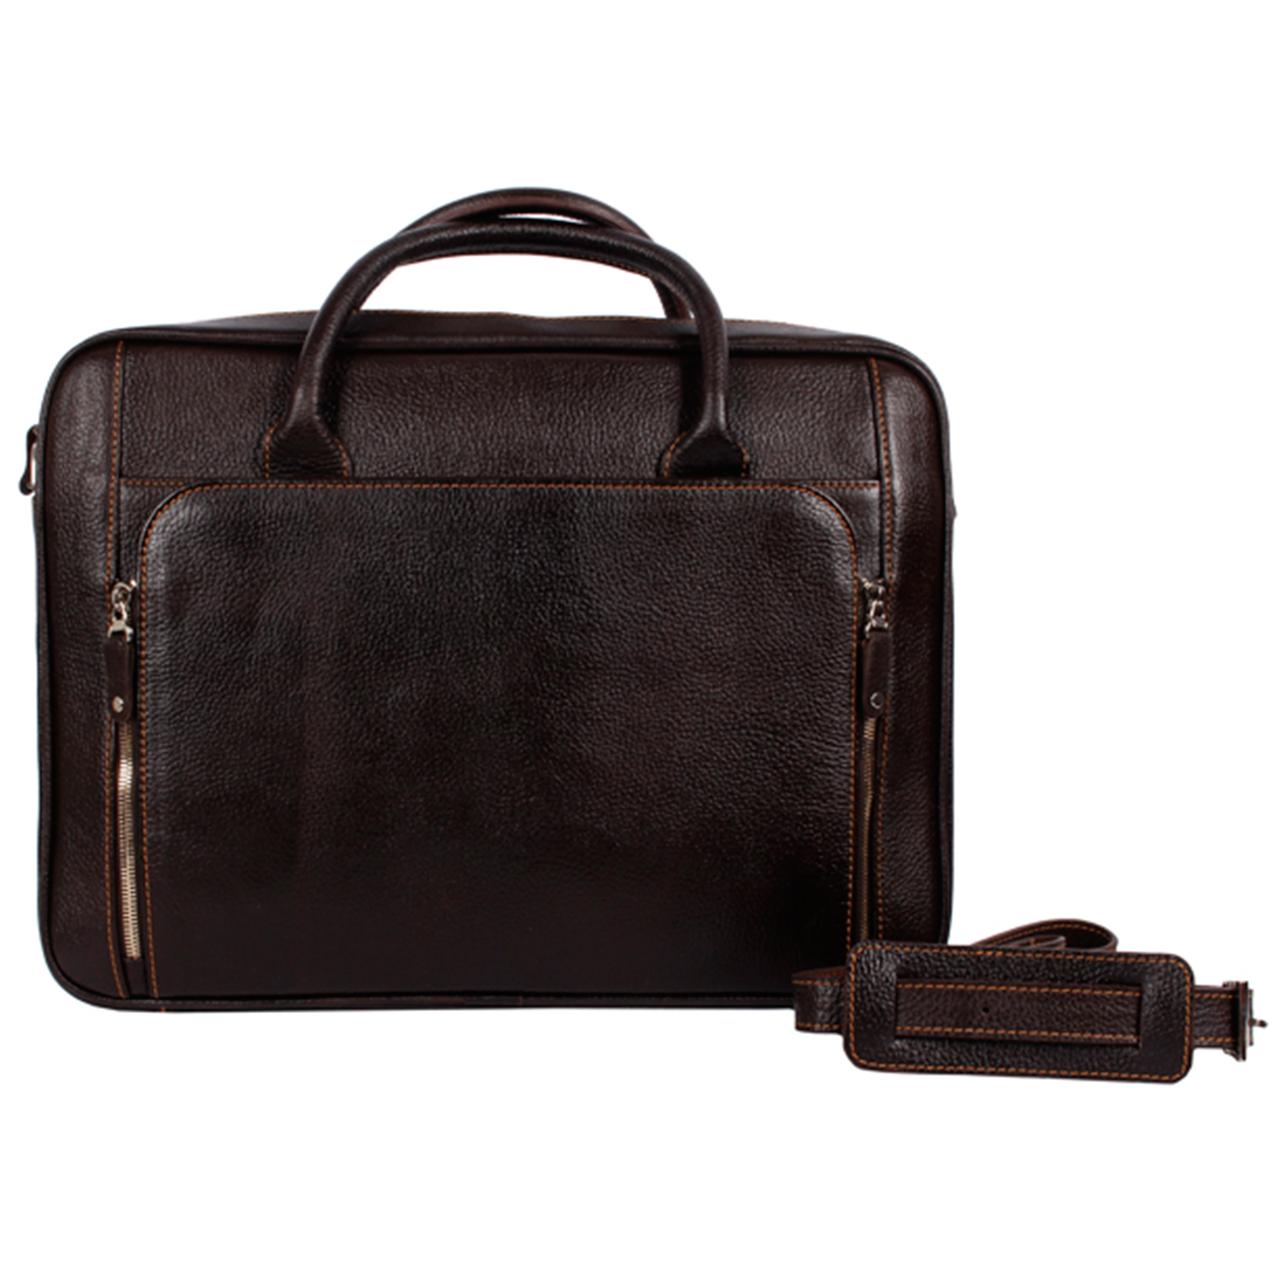 کیف اداری رویال چرم کدBL22-DarkBrown